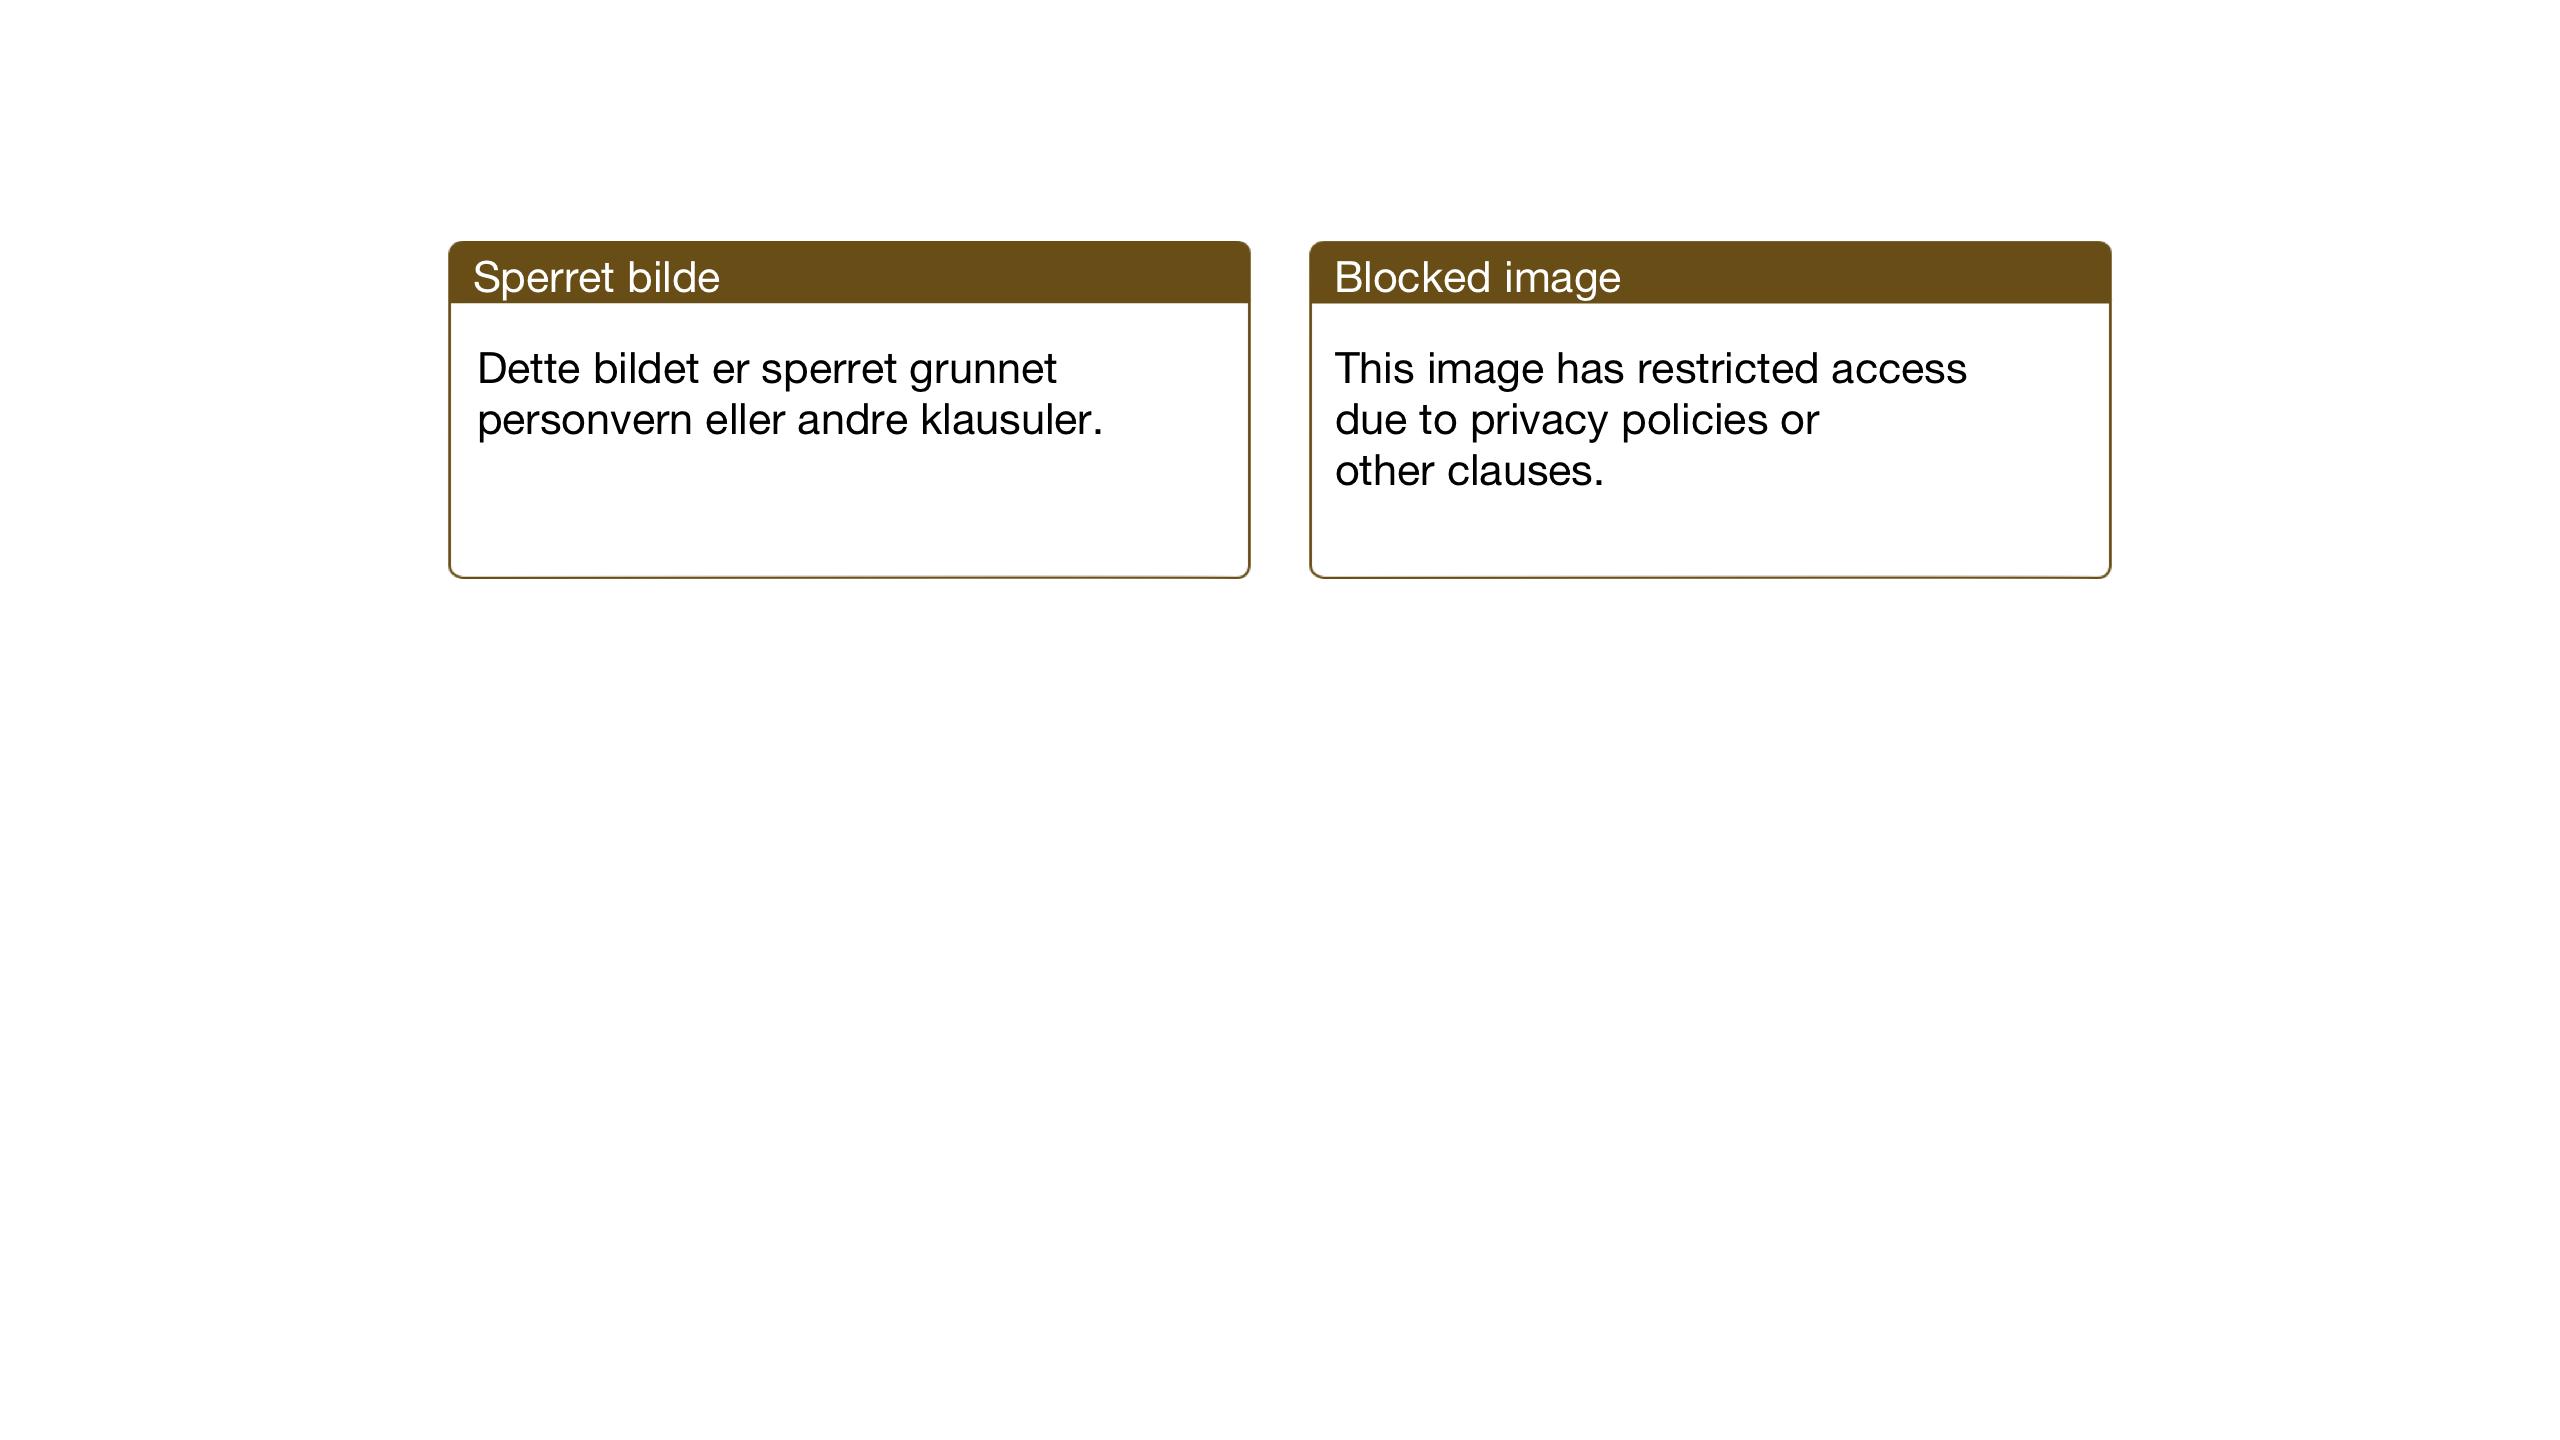 SAT, Ministerialprotokoller, klokkerbøker og fødselsregistre - Sør-Trøndelag, 690/L1053: Klokkerbok nr. 690C03, 1930-1947, s. 72